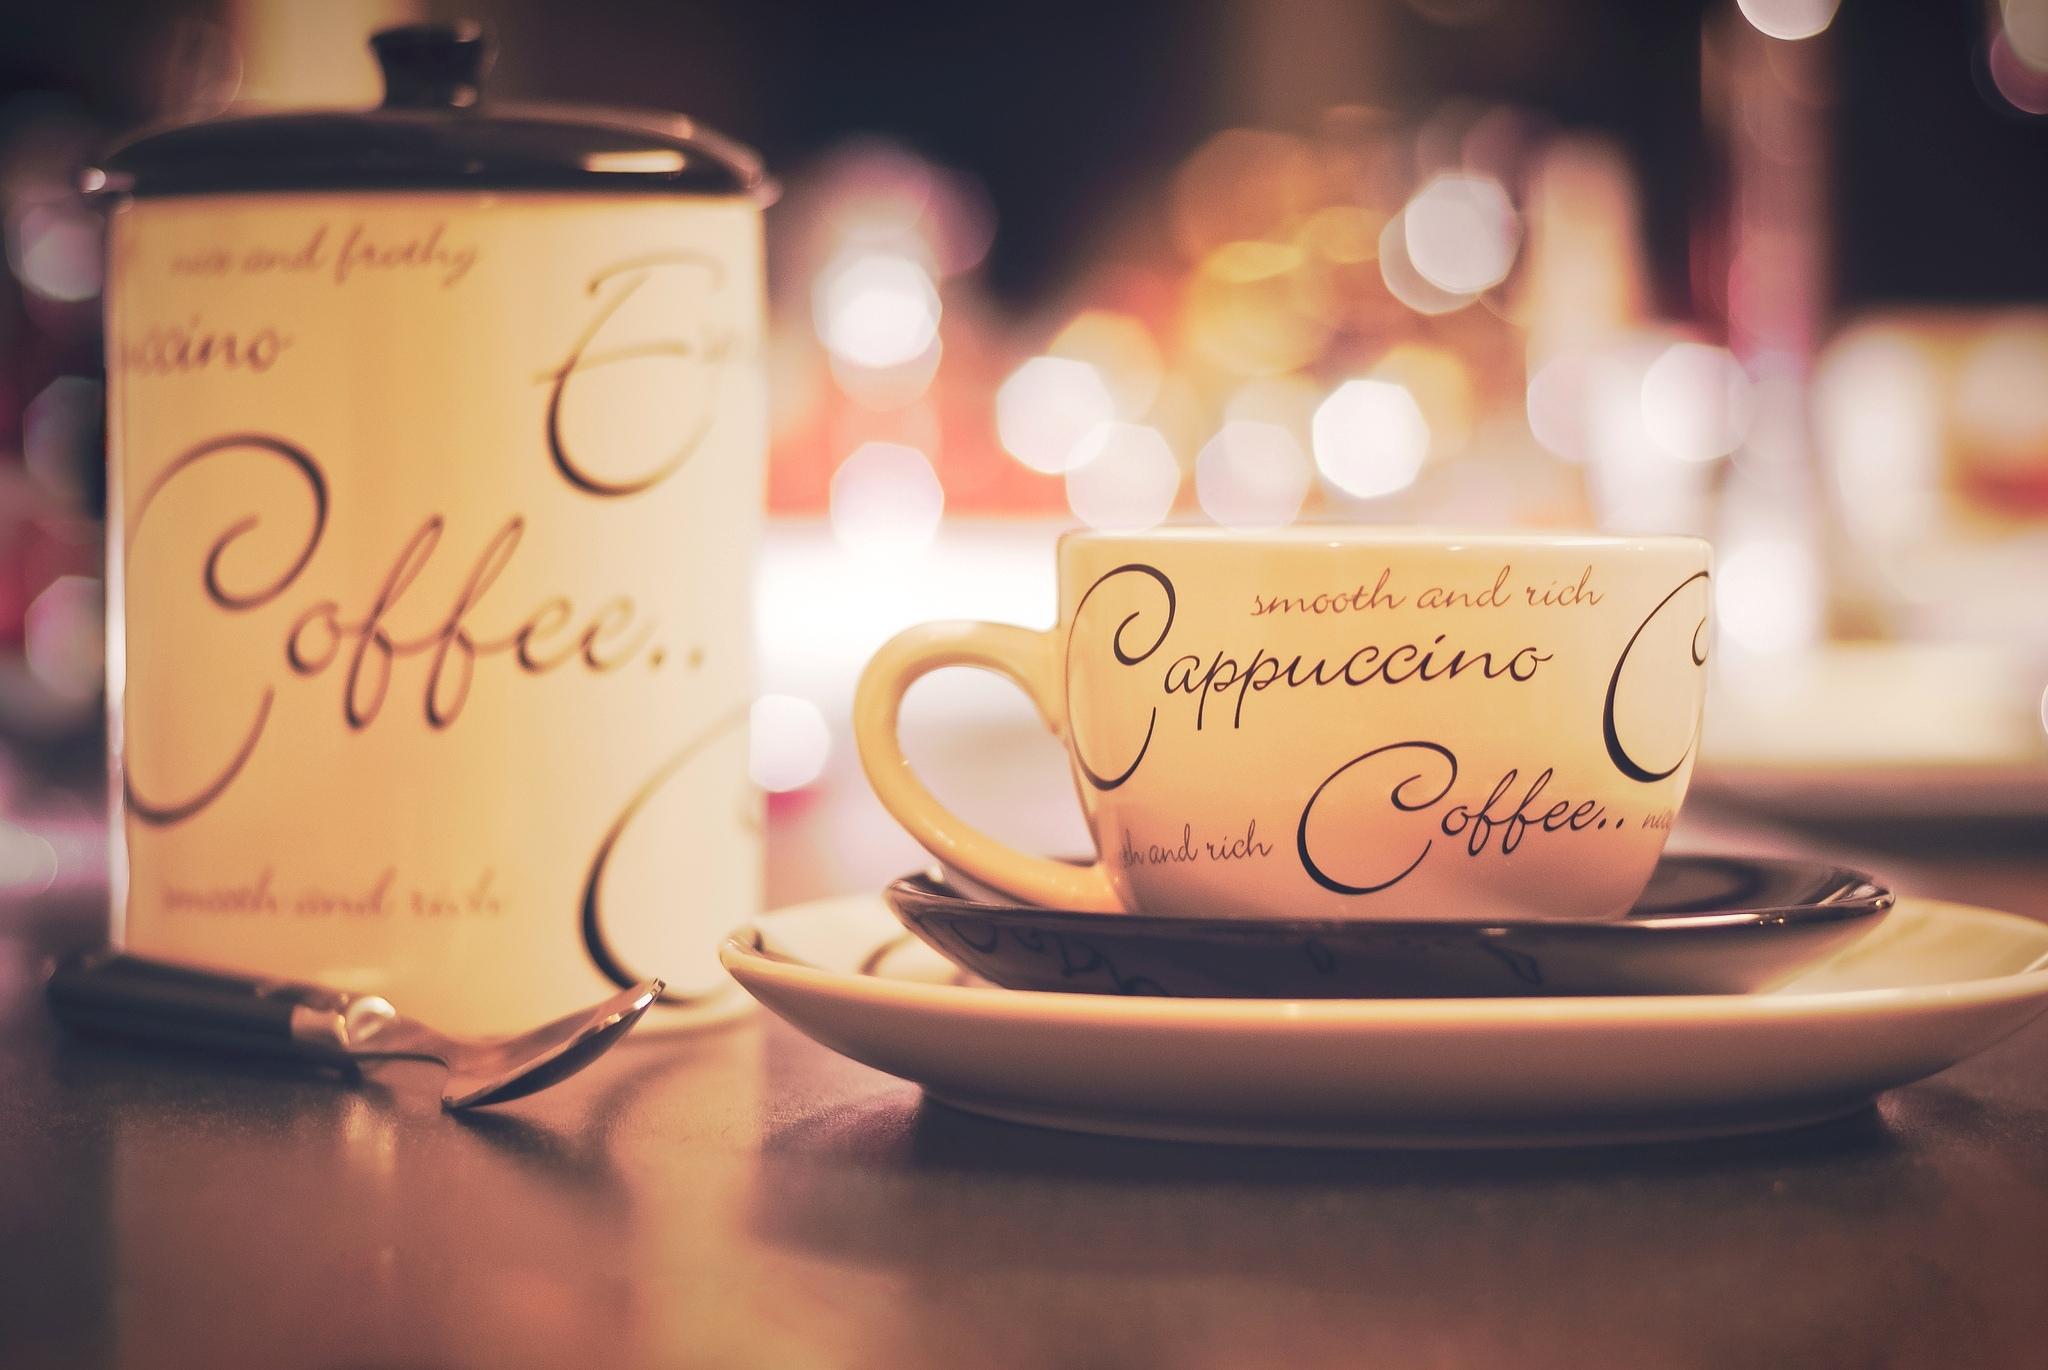 Сappuccino, Мокачино, латте, капучино, эспрессо, американо, айриш-кофе, рецепт латте, рецепт капучино, рецепты кофе, кофе, кофейные зерна, кофейное дерево, сорта кофе, виды кофе, латте, капучино, эспрессо, макиато, американо, рецепт приготовления кофе, приготовление кофе, варить кофе.